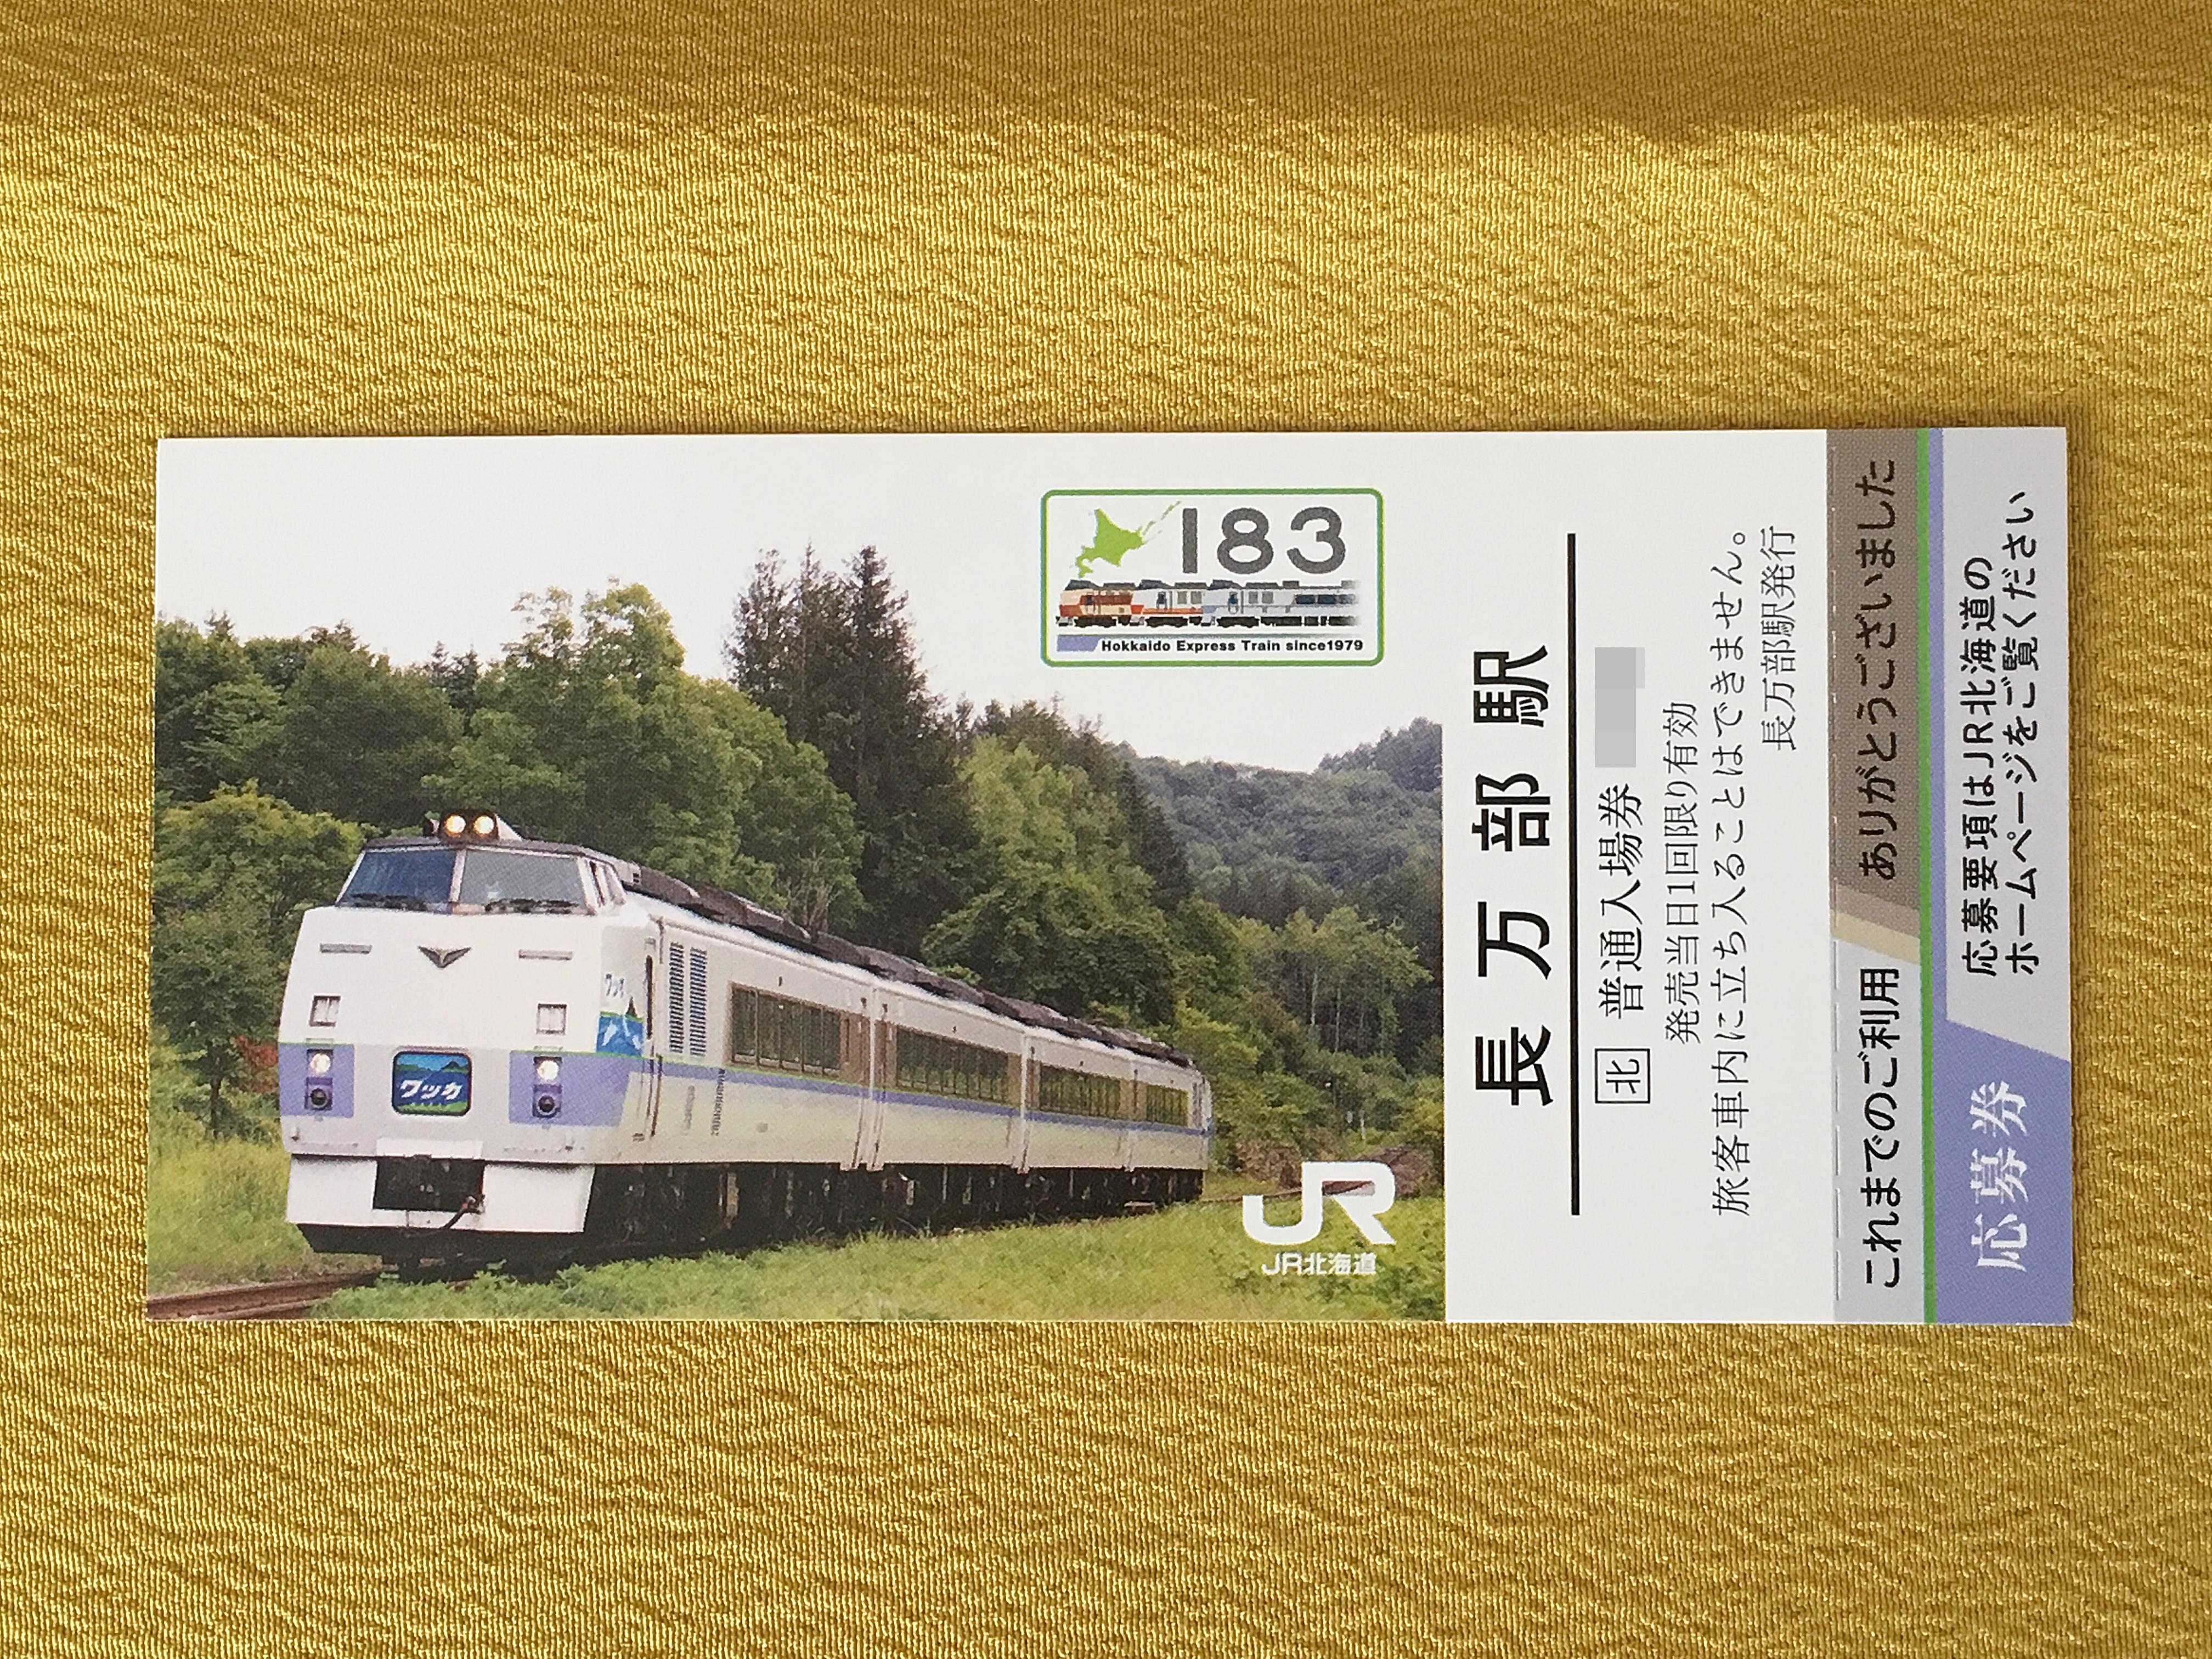 キハ183-0系記念入場券 長万部駅表.JPG